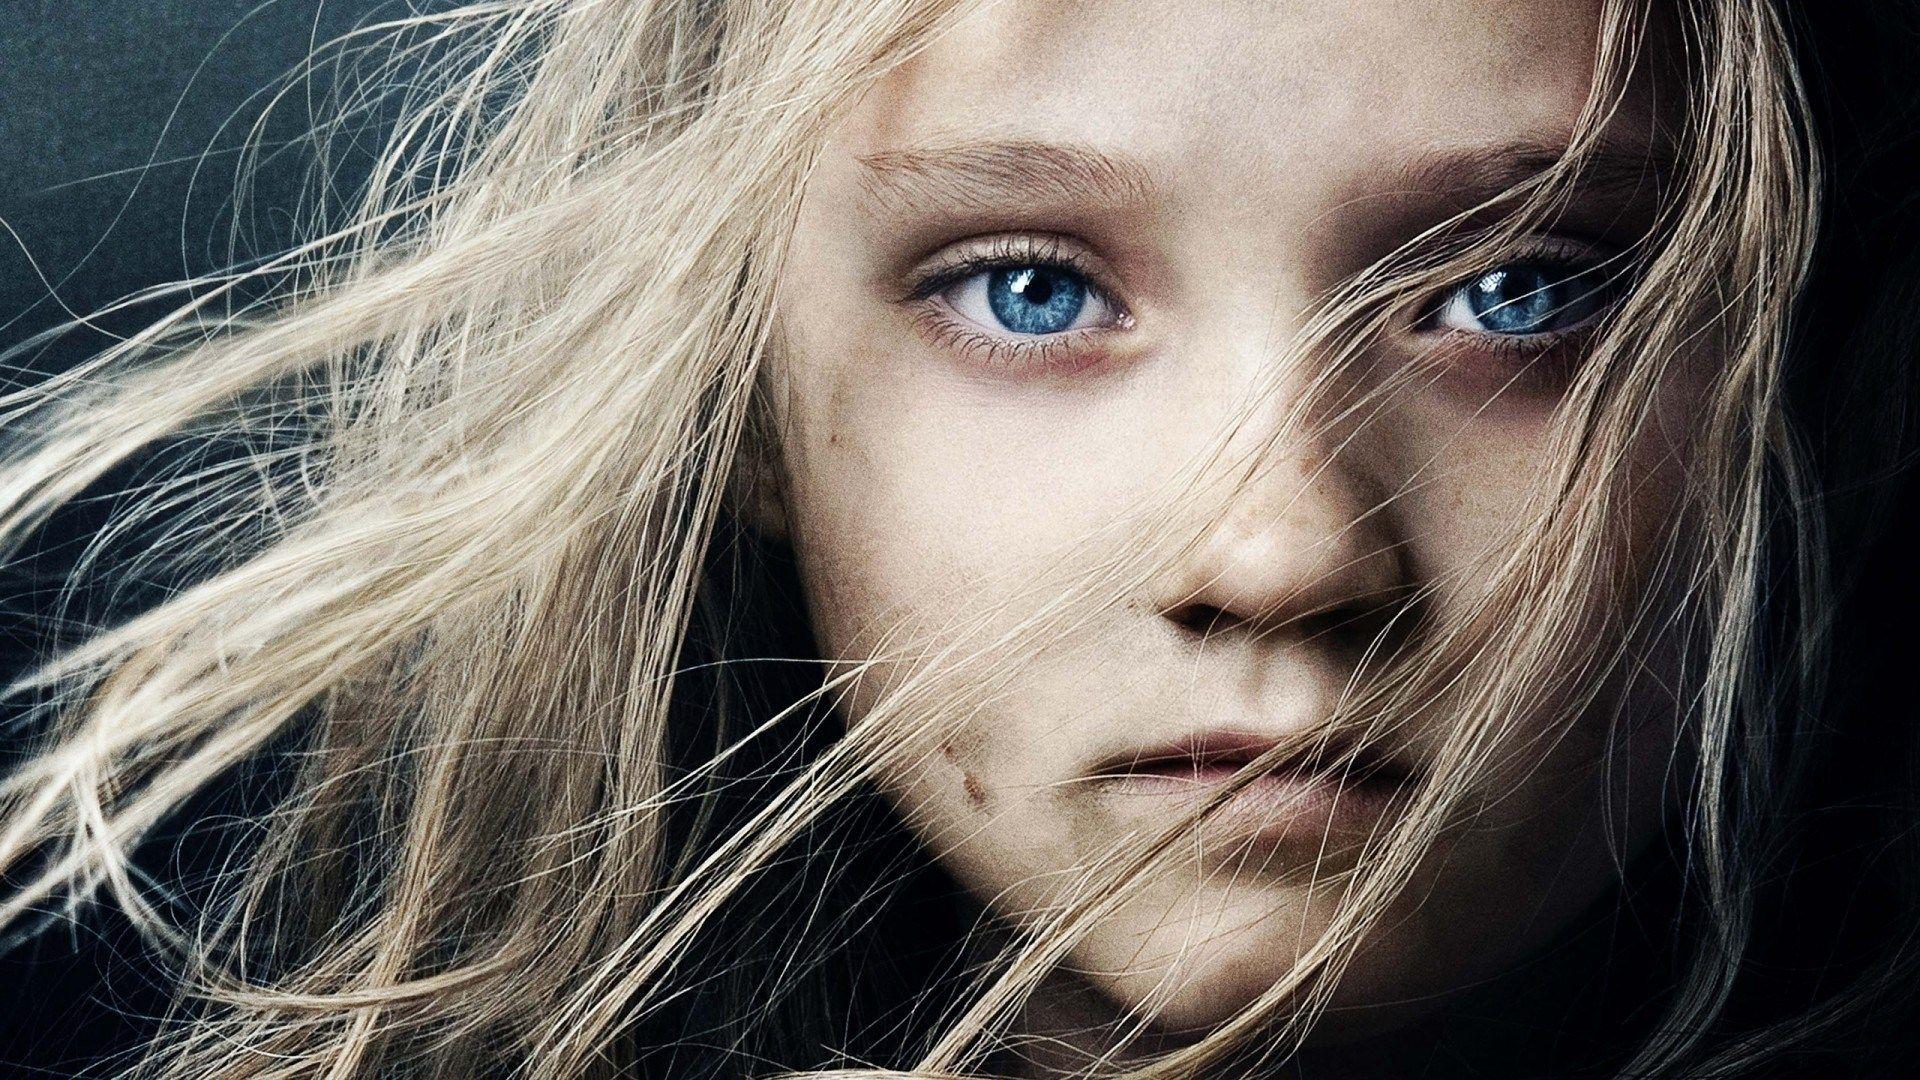 blue eyes girl wallpaper